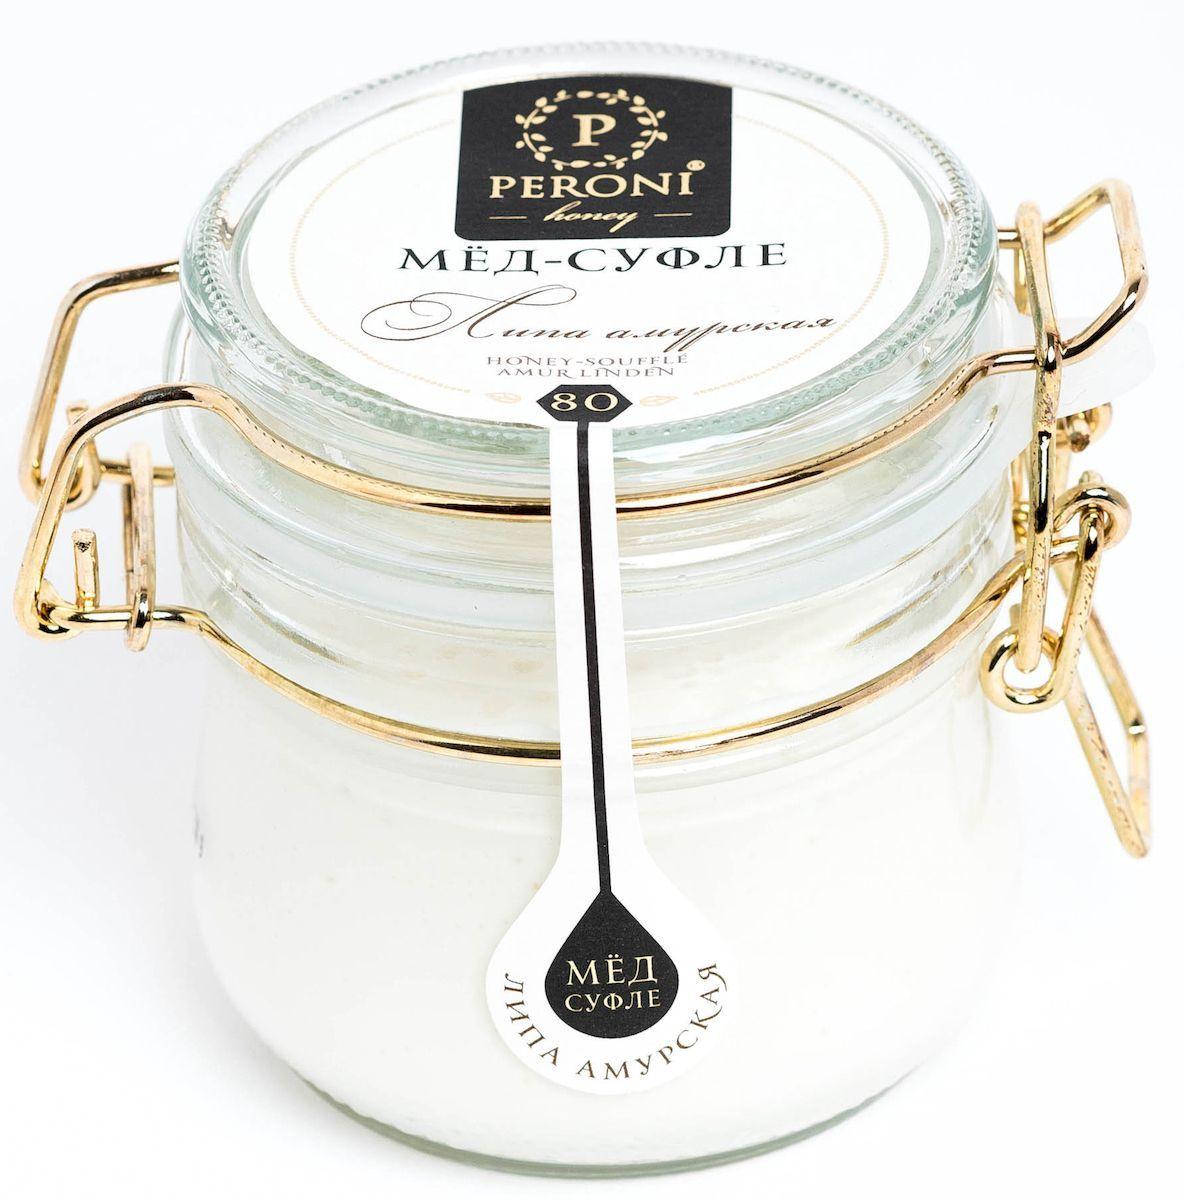 Peroni Липа амурская мед-суфле, 230 г382955Вкус меда Peroni Липа амурская довольно острый, магически-сладкий. Первые ноты фруктовой свежести сменяются интенсивной атакой липовой сладости и крем-брюле. Послевкусие долгое, легкое, пикантно-цветочное. Этот мед удивляет нежнейшим ароматом весенних цветов, пыльцы, молочной карамели, ванили. Текстура меда представляет собой воздушное шелковистое суфле, которое обволакивает и завораживает, согревает и бодрит!Для получения меда-суфле используются специальные технологии. Мед долго вымешивается при определенной скорости, после чего его выдерживают при температуре 12-14°C, тем самым закрепляя его нужную консистенцию. Все полезные свойства меда при этом сохраняются.